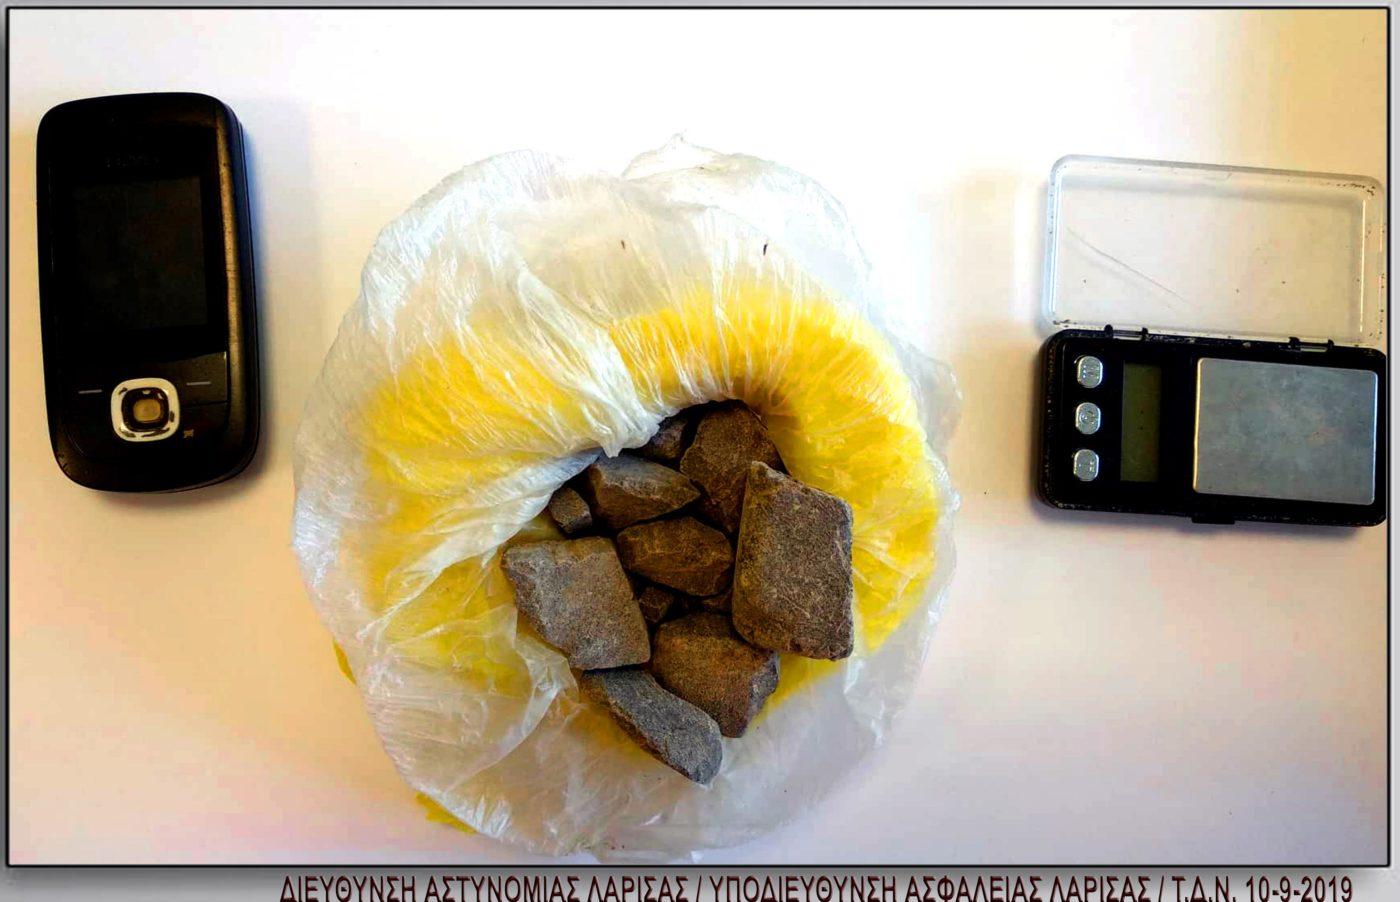 Τύρναβος: Συνελήφθη 30χρονος με περισσότερα από 100 γραμμάρια ηρωίνης στην κατοχή του (φωτο)